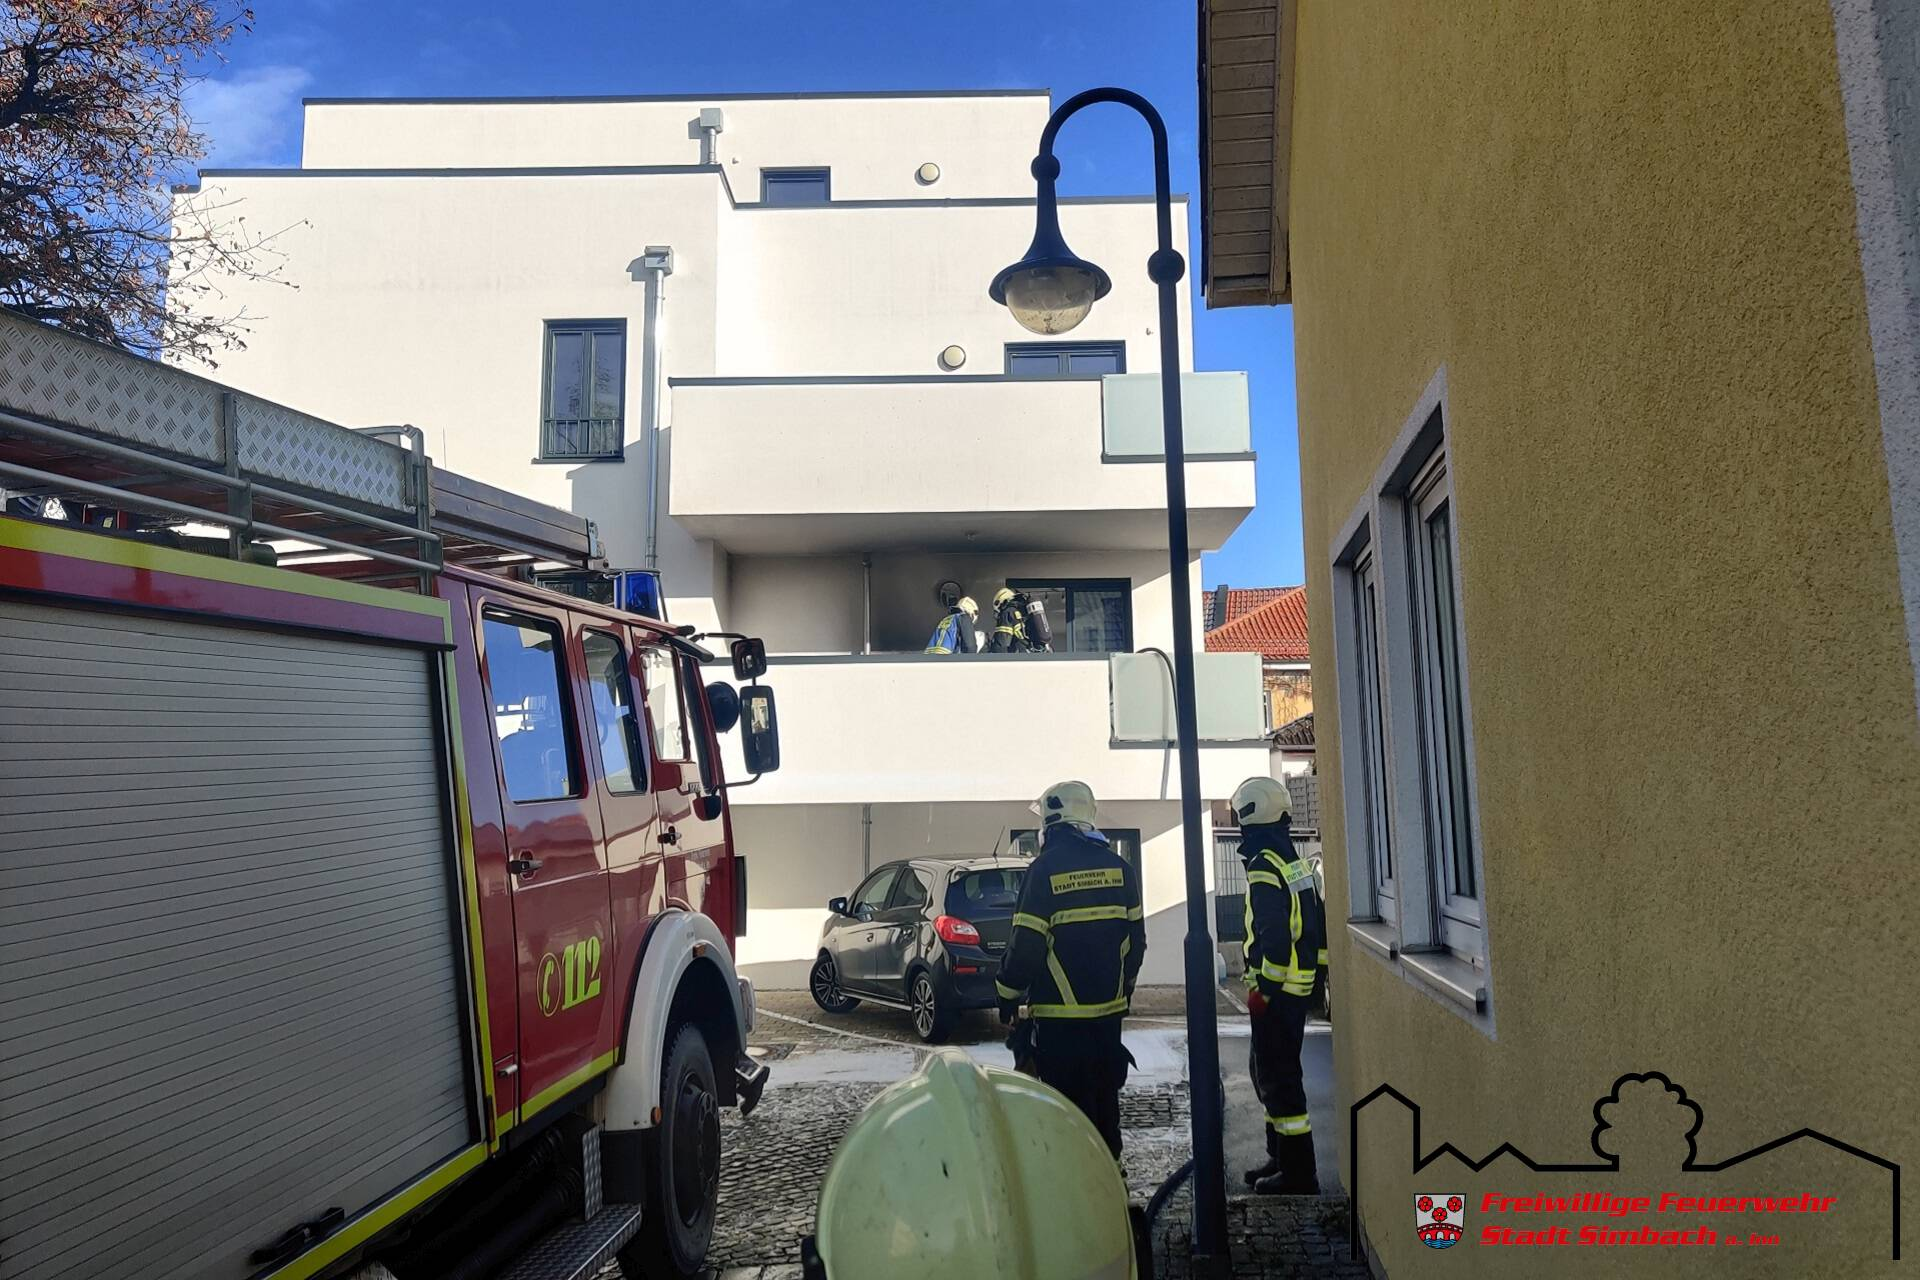 Balkonbrand 29.12.2020 (1)